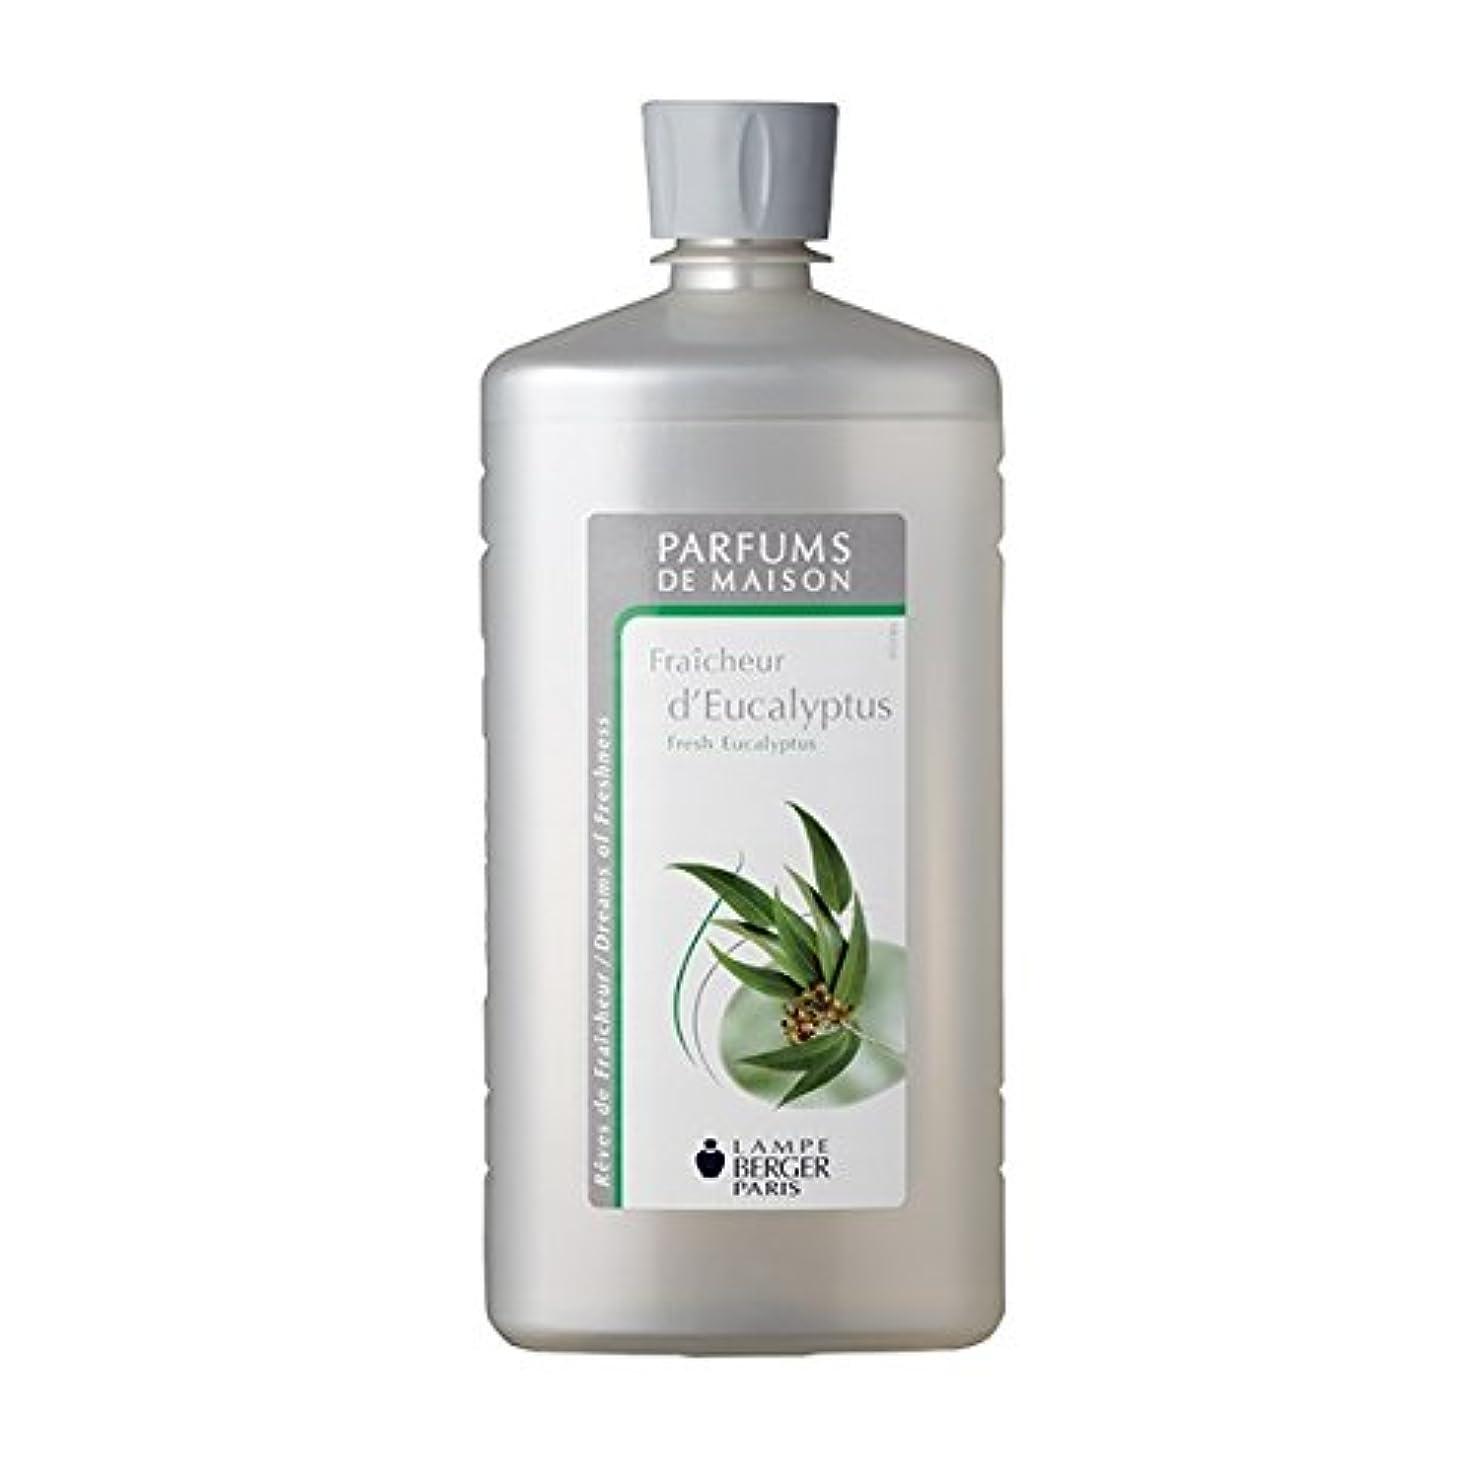 舌な永遠の動くランプベルジェオイル(ユーカリ)Fra?cheur d'Eucalyptus Fresh Eucalyptus